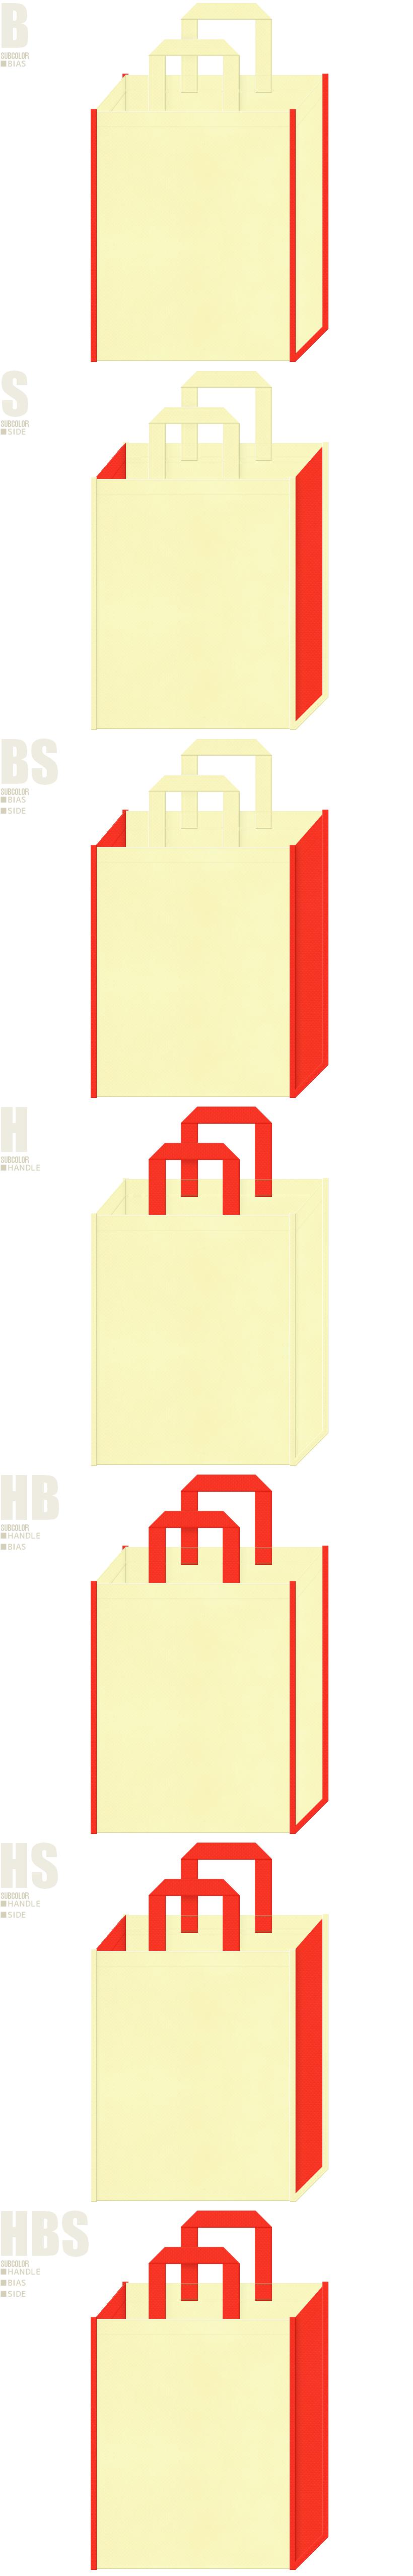 薄黄色とオレンジ色、7パターンの不織布トートバッグ配色デザイン例。お料理教室等のキッチン系イベント向け不織布バッグにお奨めです。